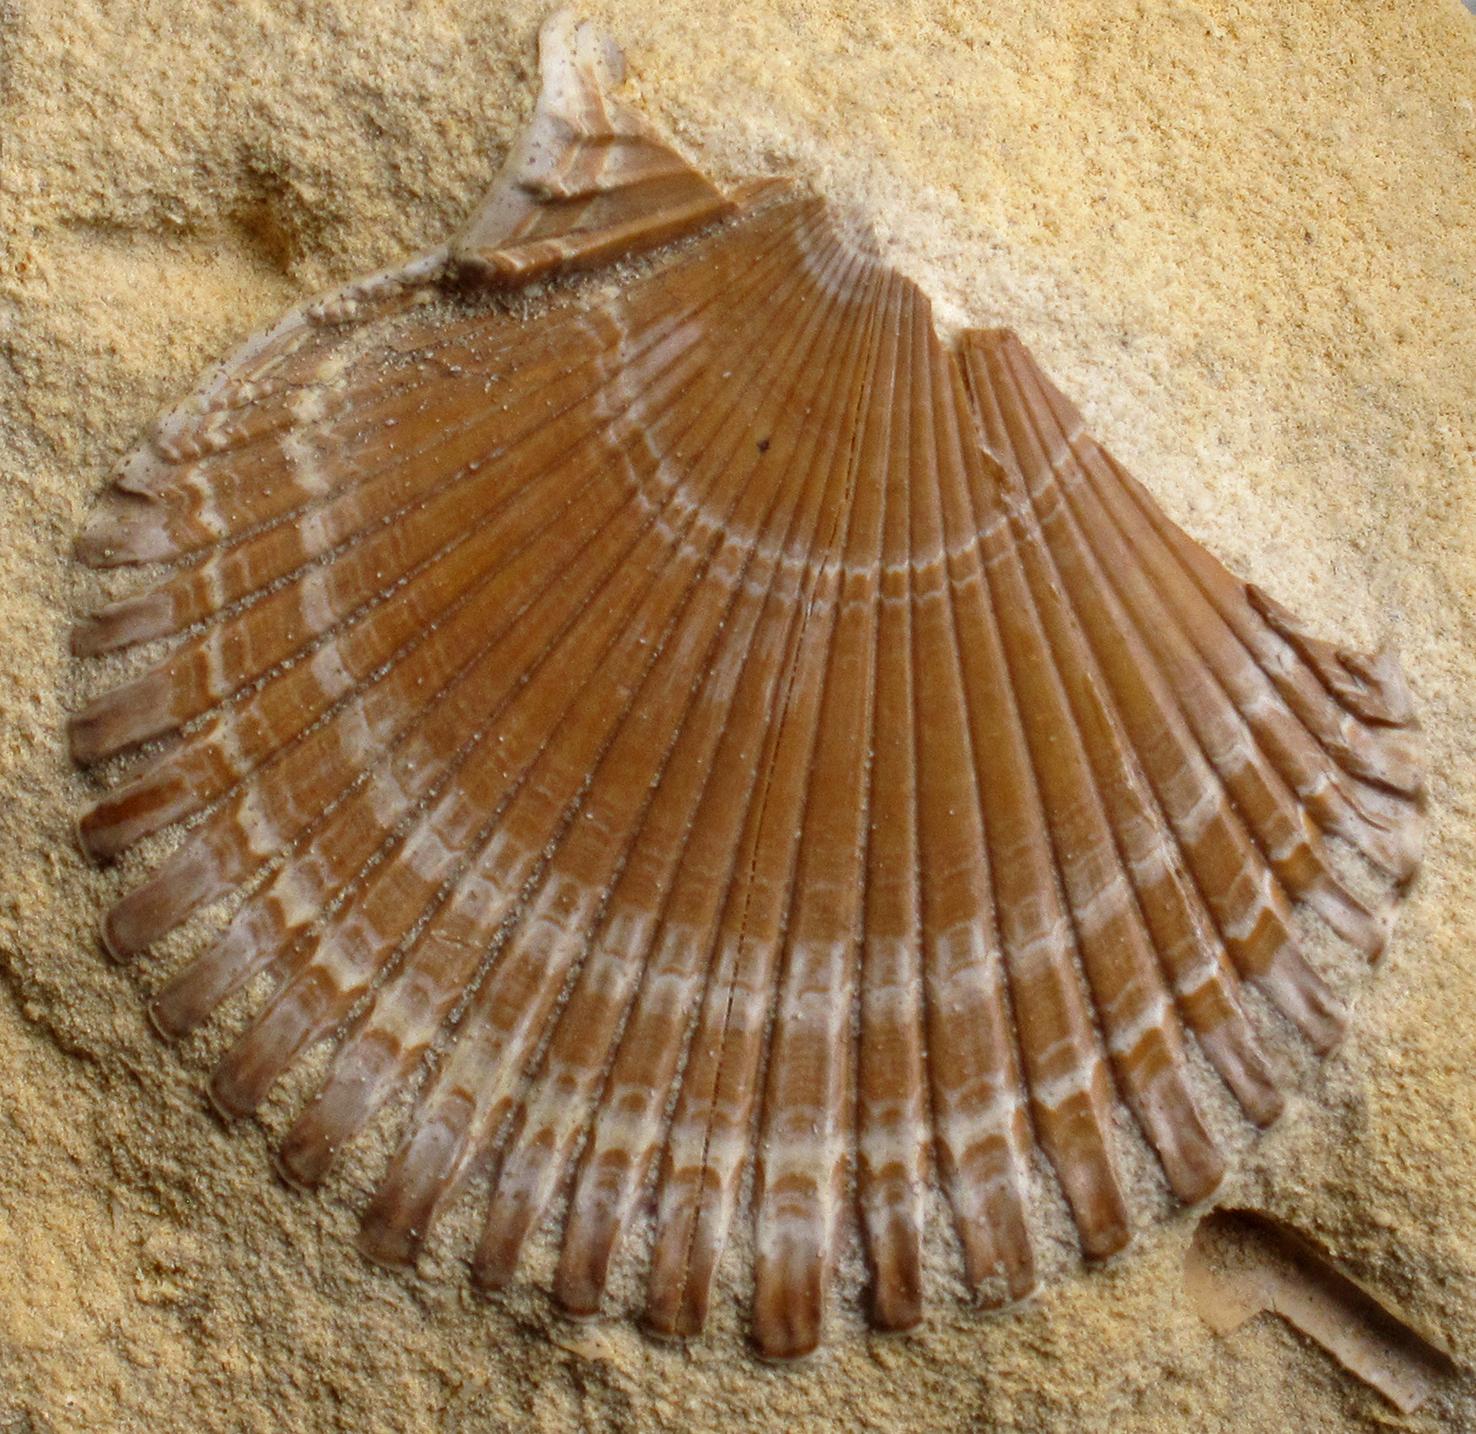 Gefossileerde schelp in mergel. (Foto: Tom Kisjes)